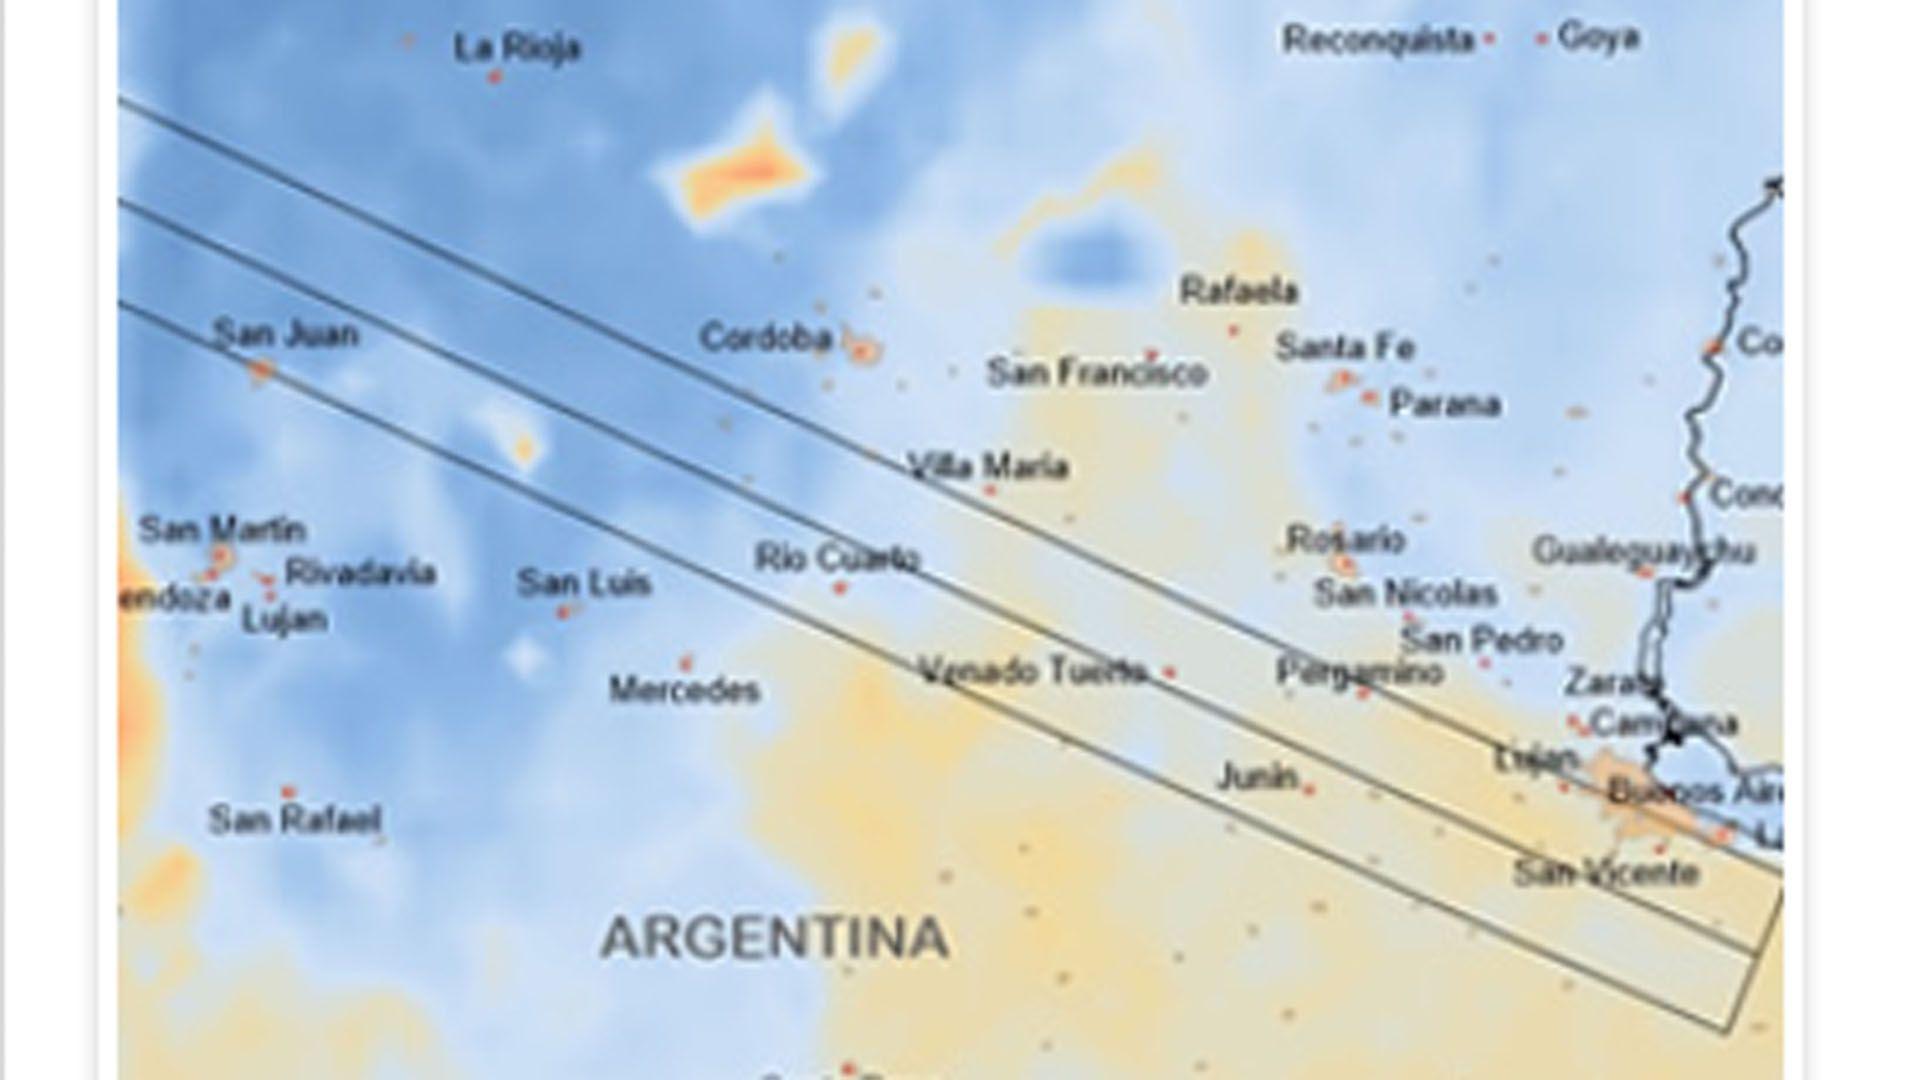 El tránsito del eclipse solar en territorio argentino